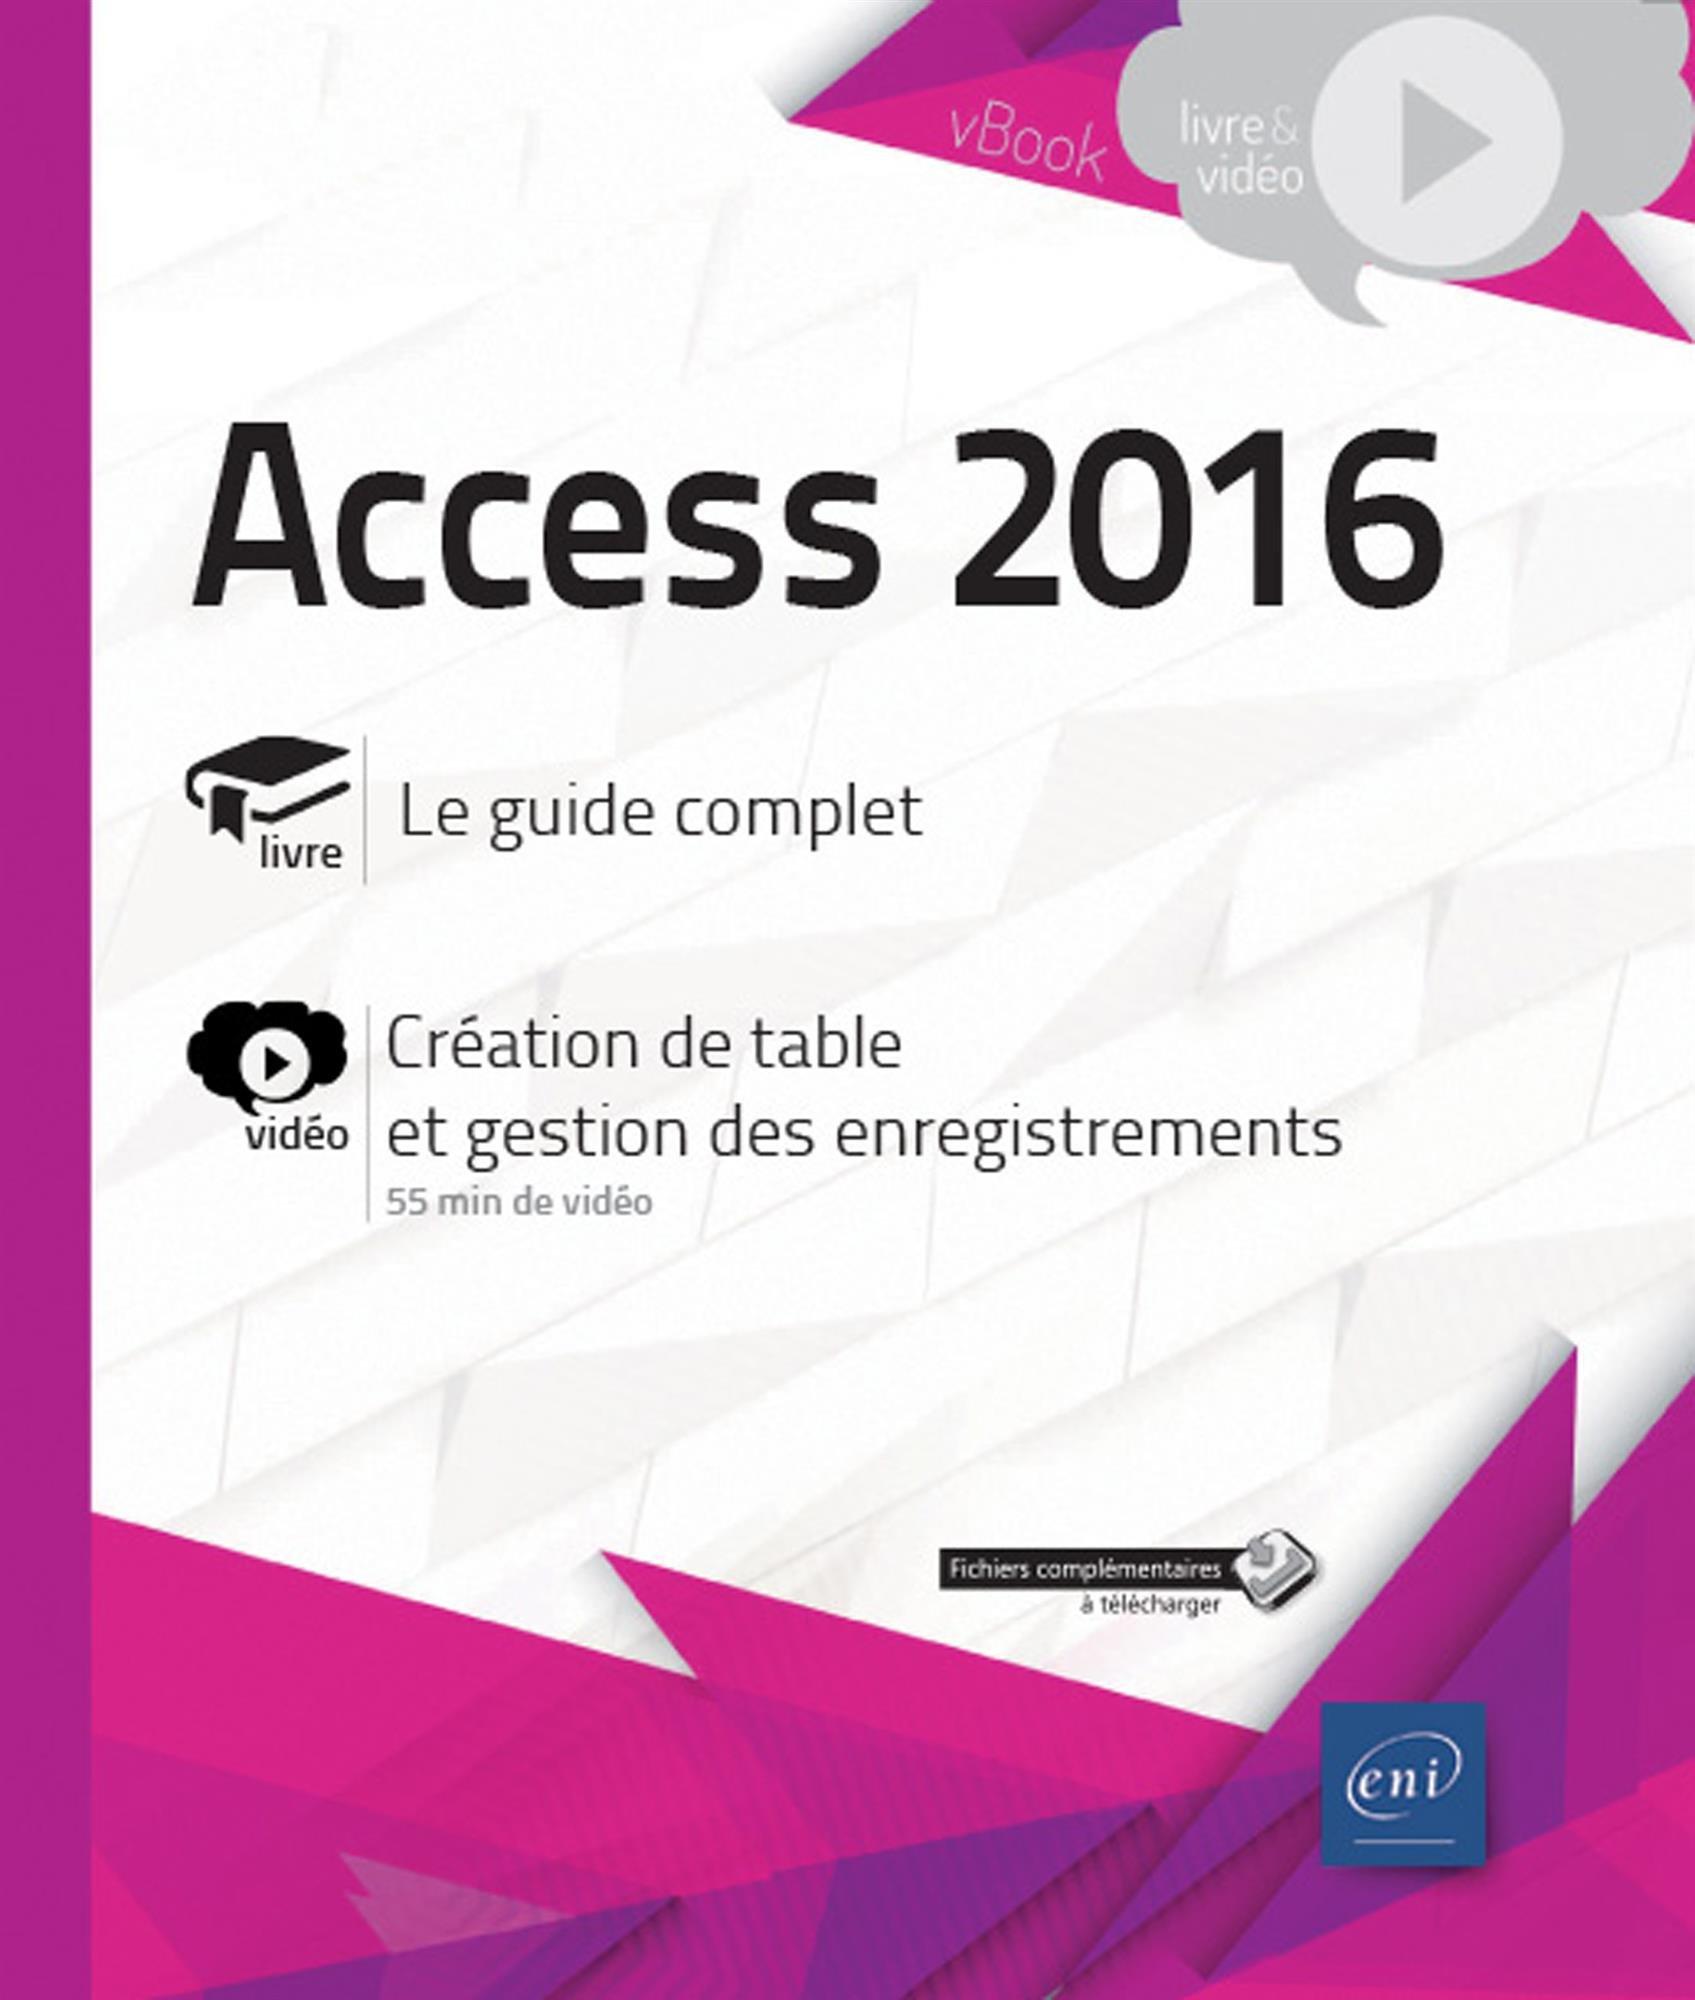 Access 2016 - Complément vidéo : Création de table et gestion des enregistrements Broché – 11 avril 2018 Collectif Editions ENI 2409013279 Informatique